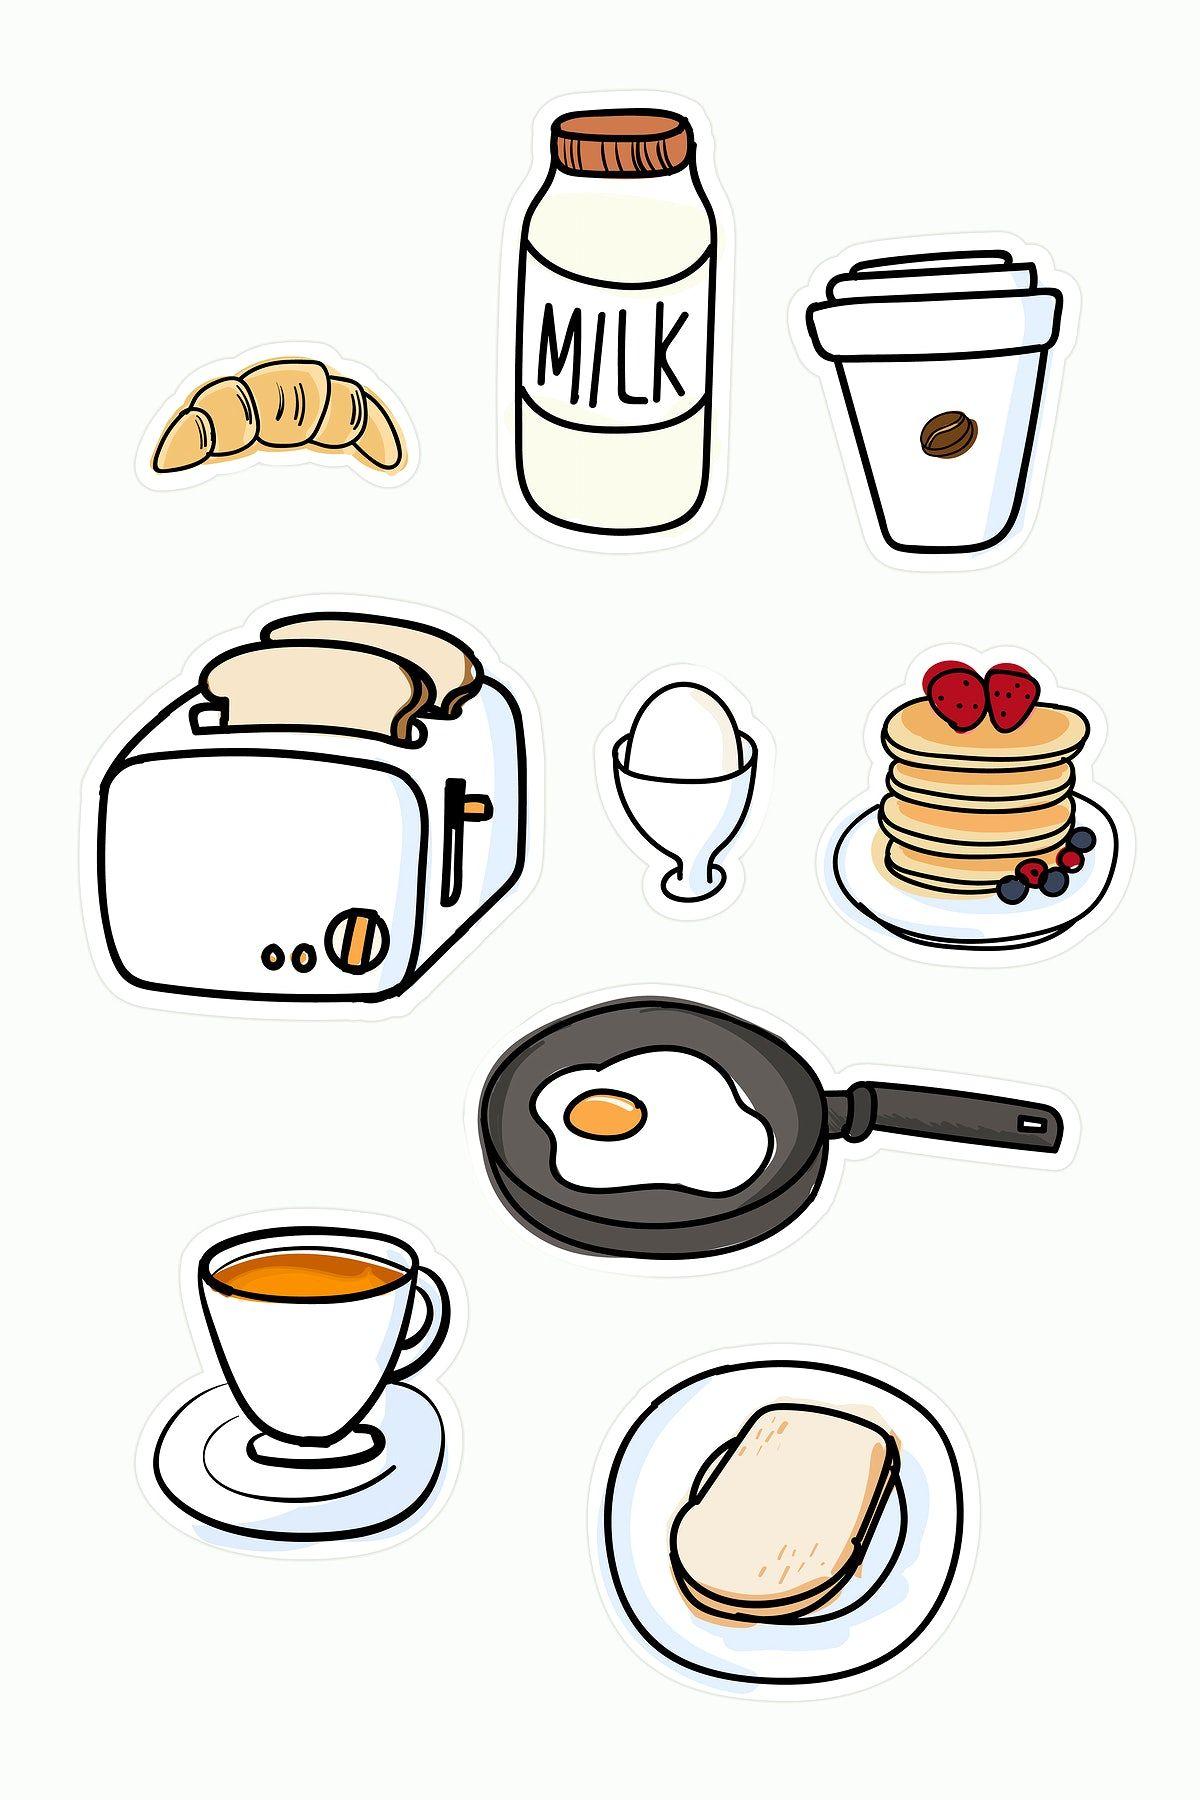 Breakfast Doodles : breakfast, doodles, Fresh, Delicious, Breakfast, Vector, Premium, Image, Rawpixel.com, Doodle,